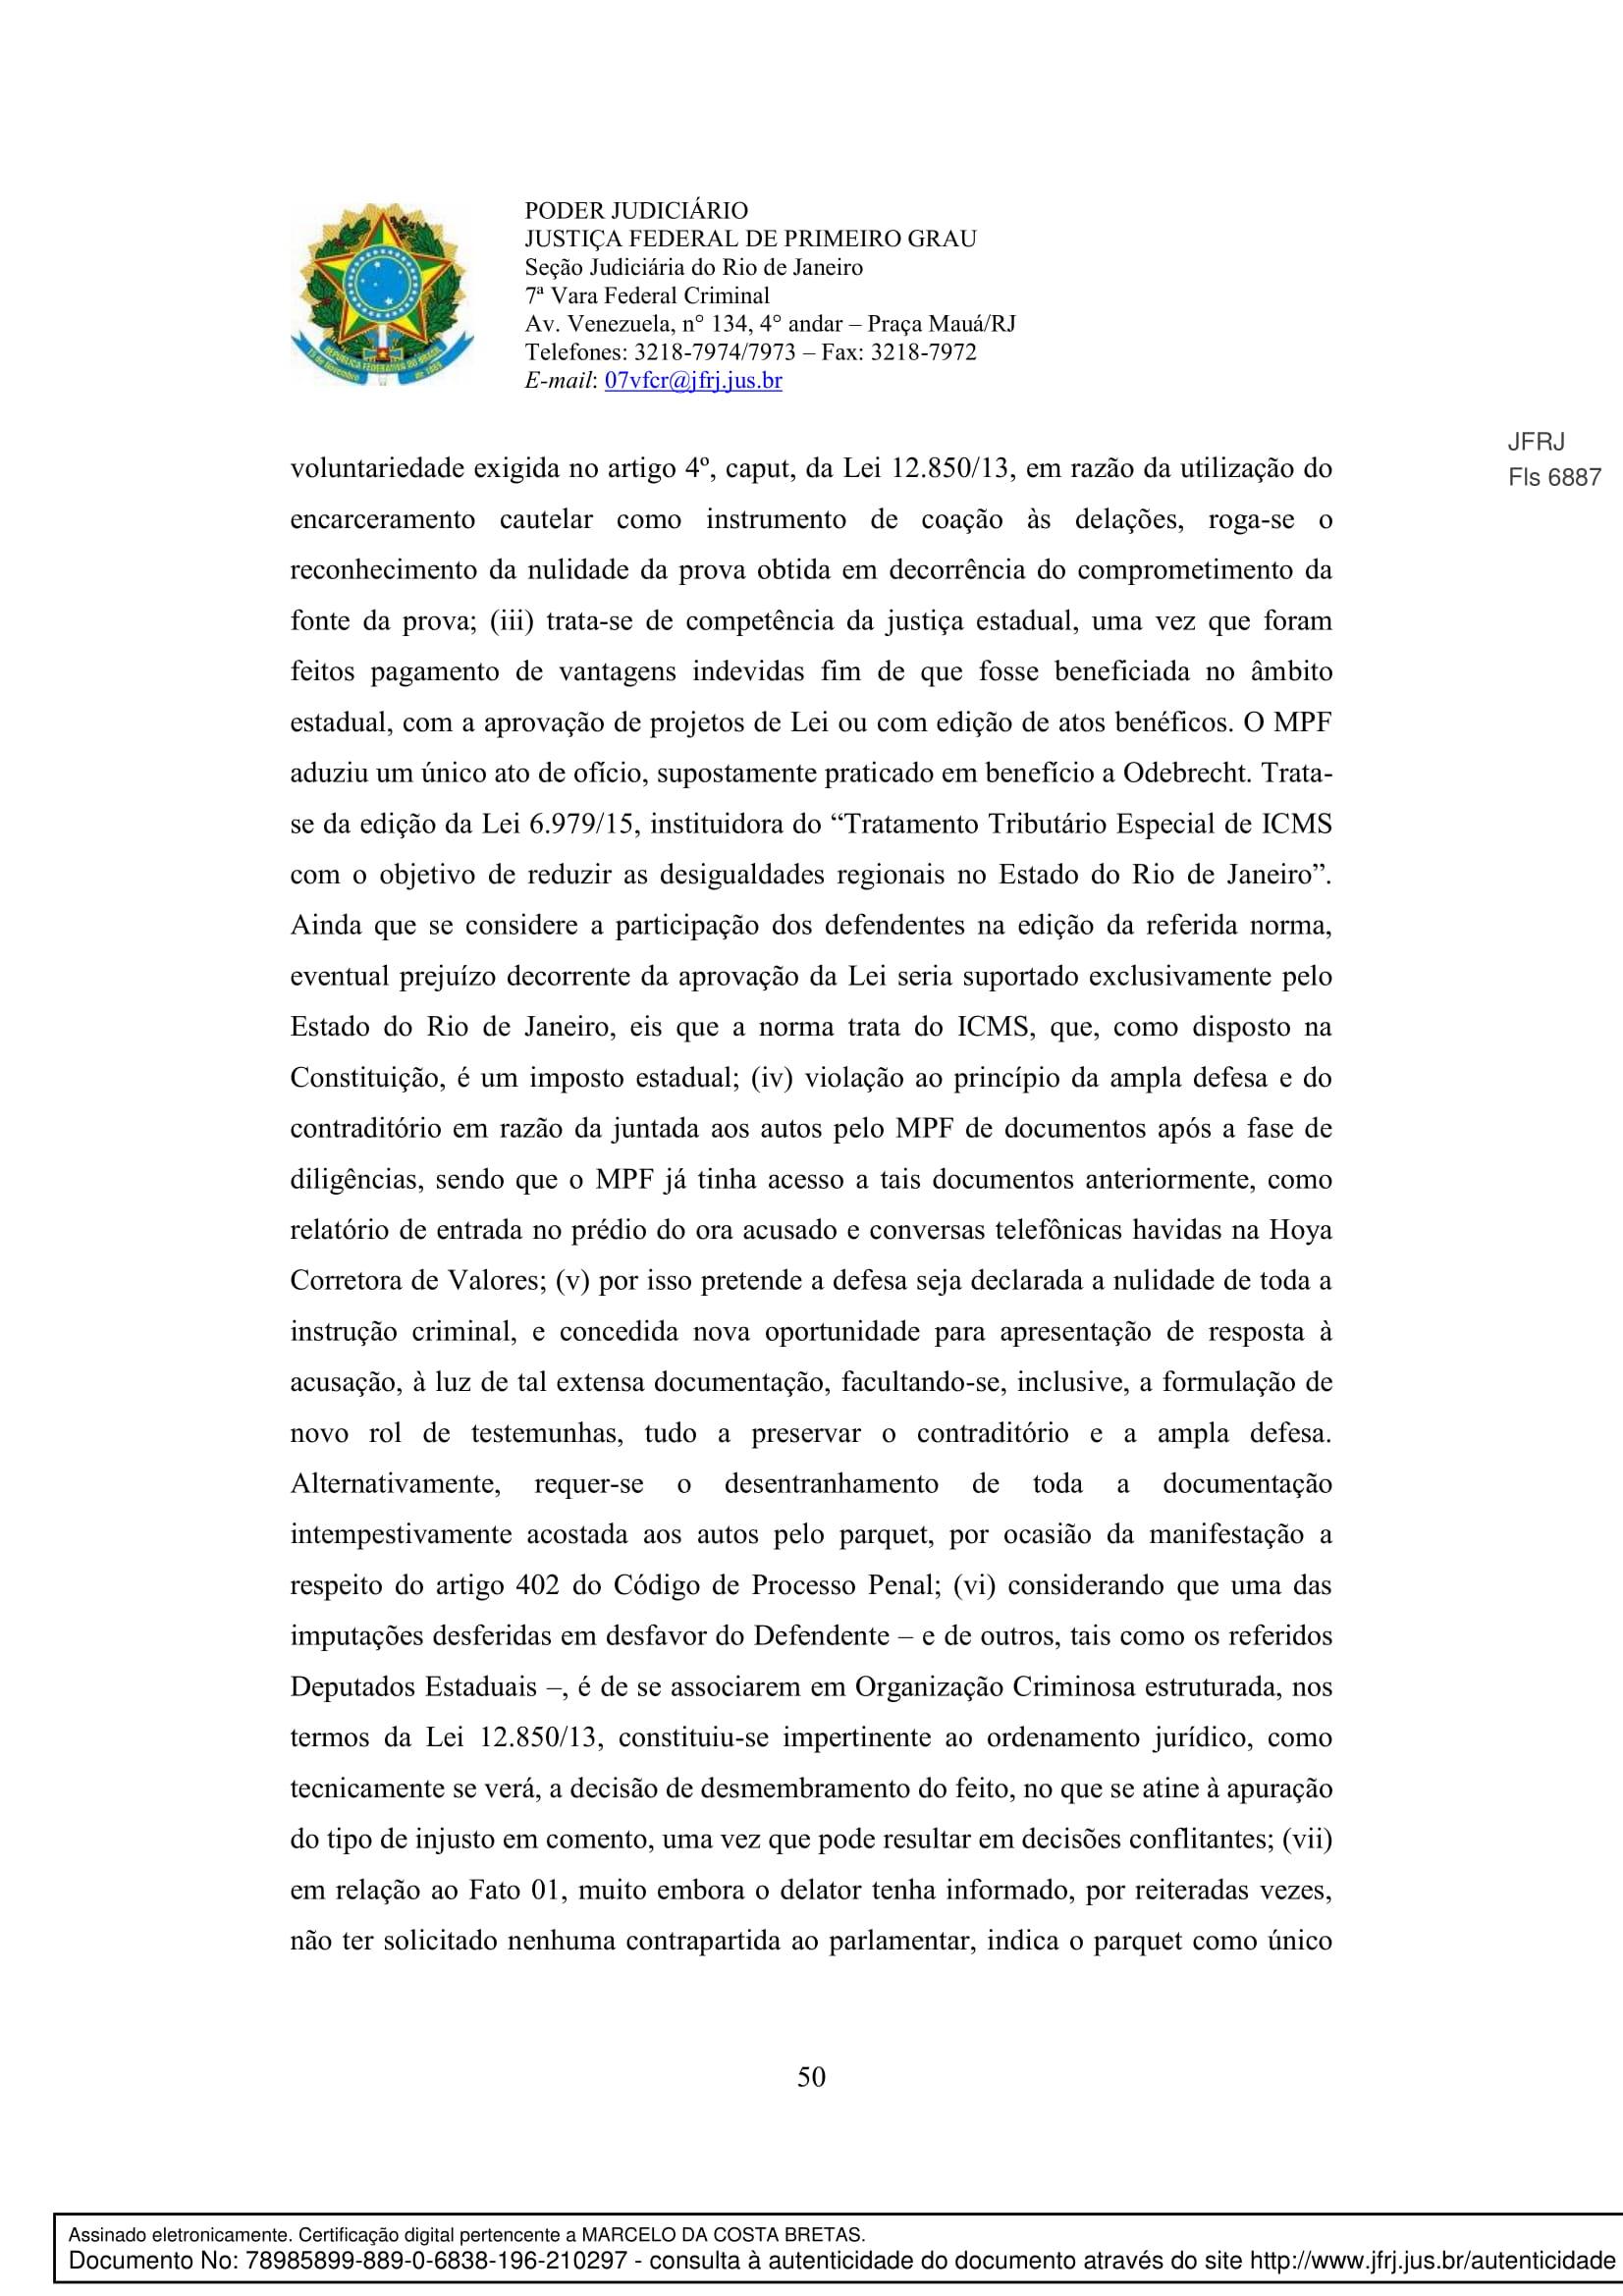 Sentenca-Cadeia-Velha-7VFC-050